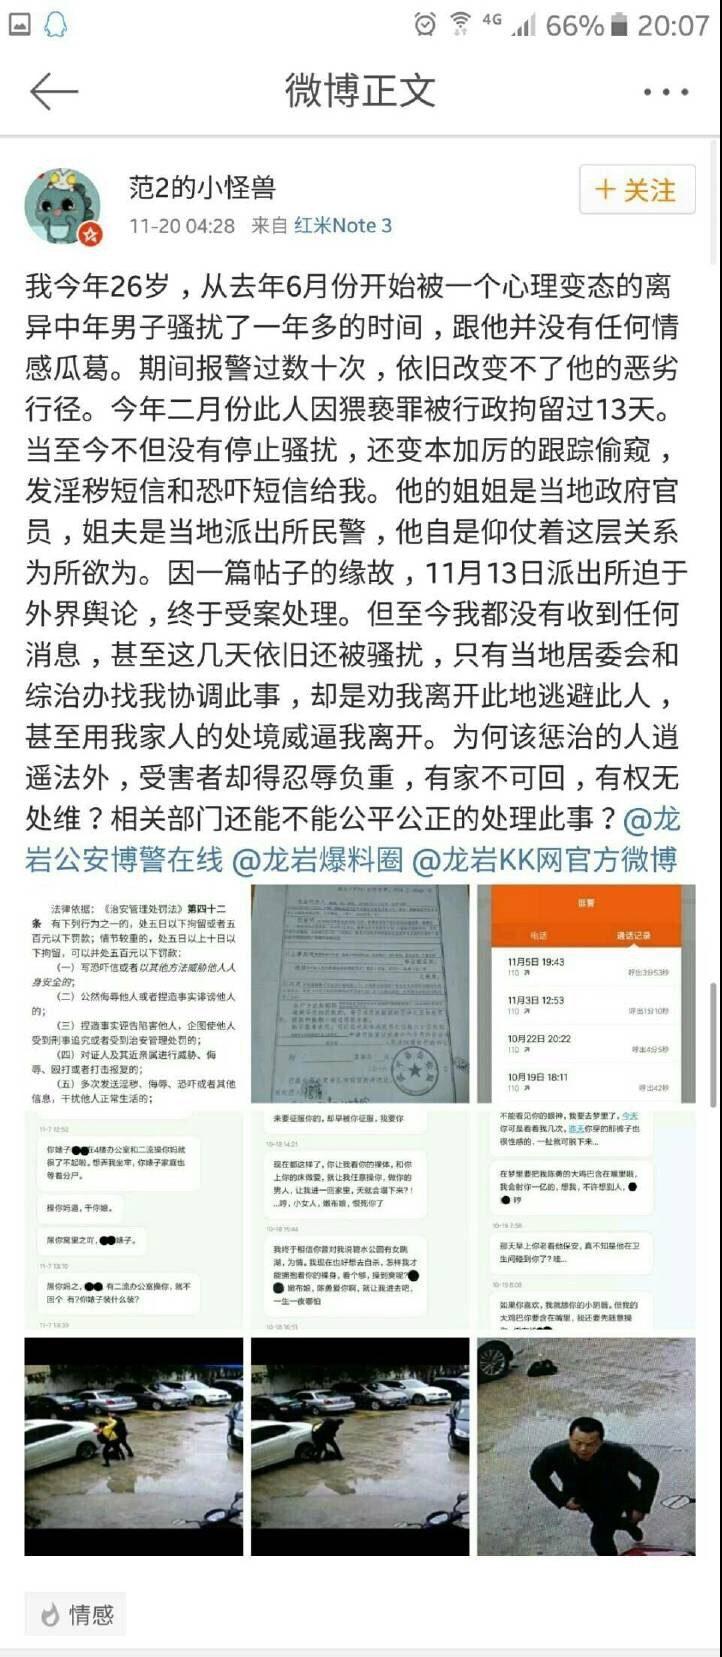 【立此存照】龙岩跟踪骚扰案受害女孩疑似遭公安逼迫删帖